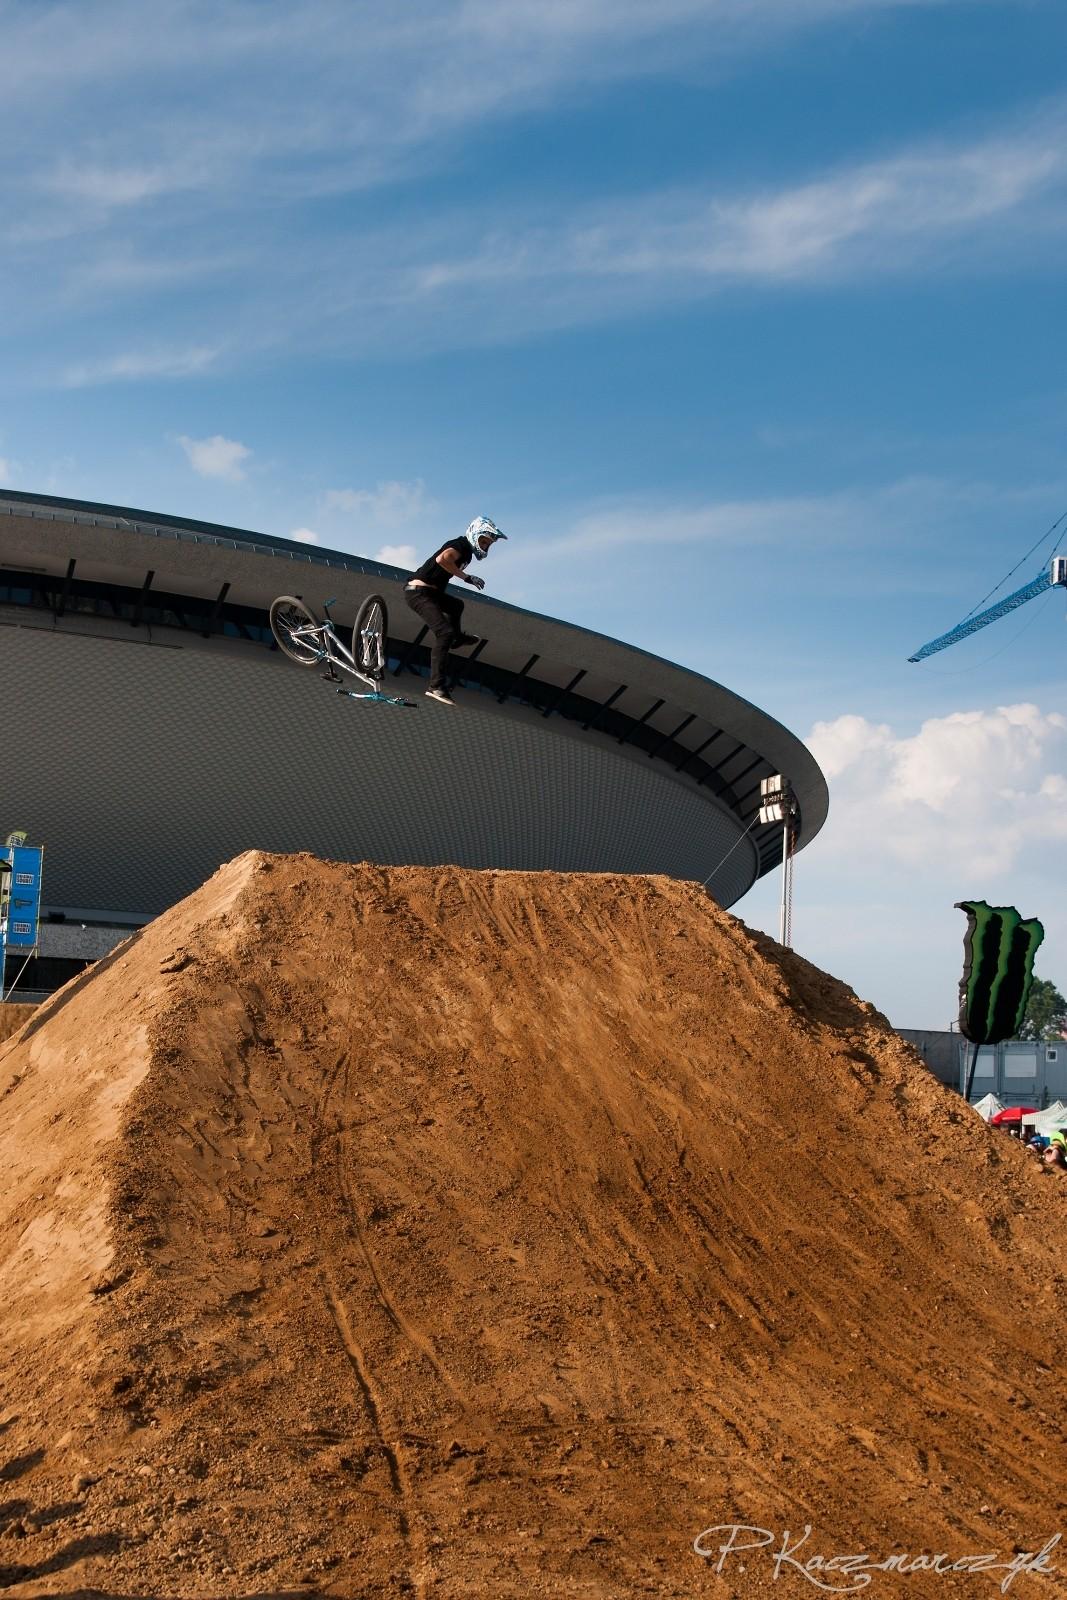 Crash - piotrkaczmarczyk - Mountain Biking Pictures - Vital MTB